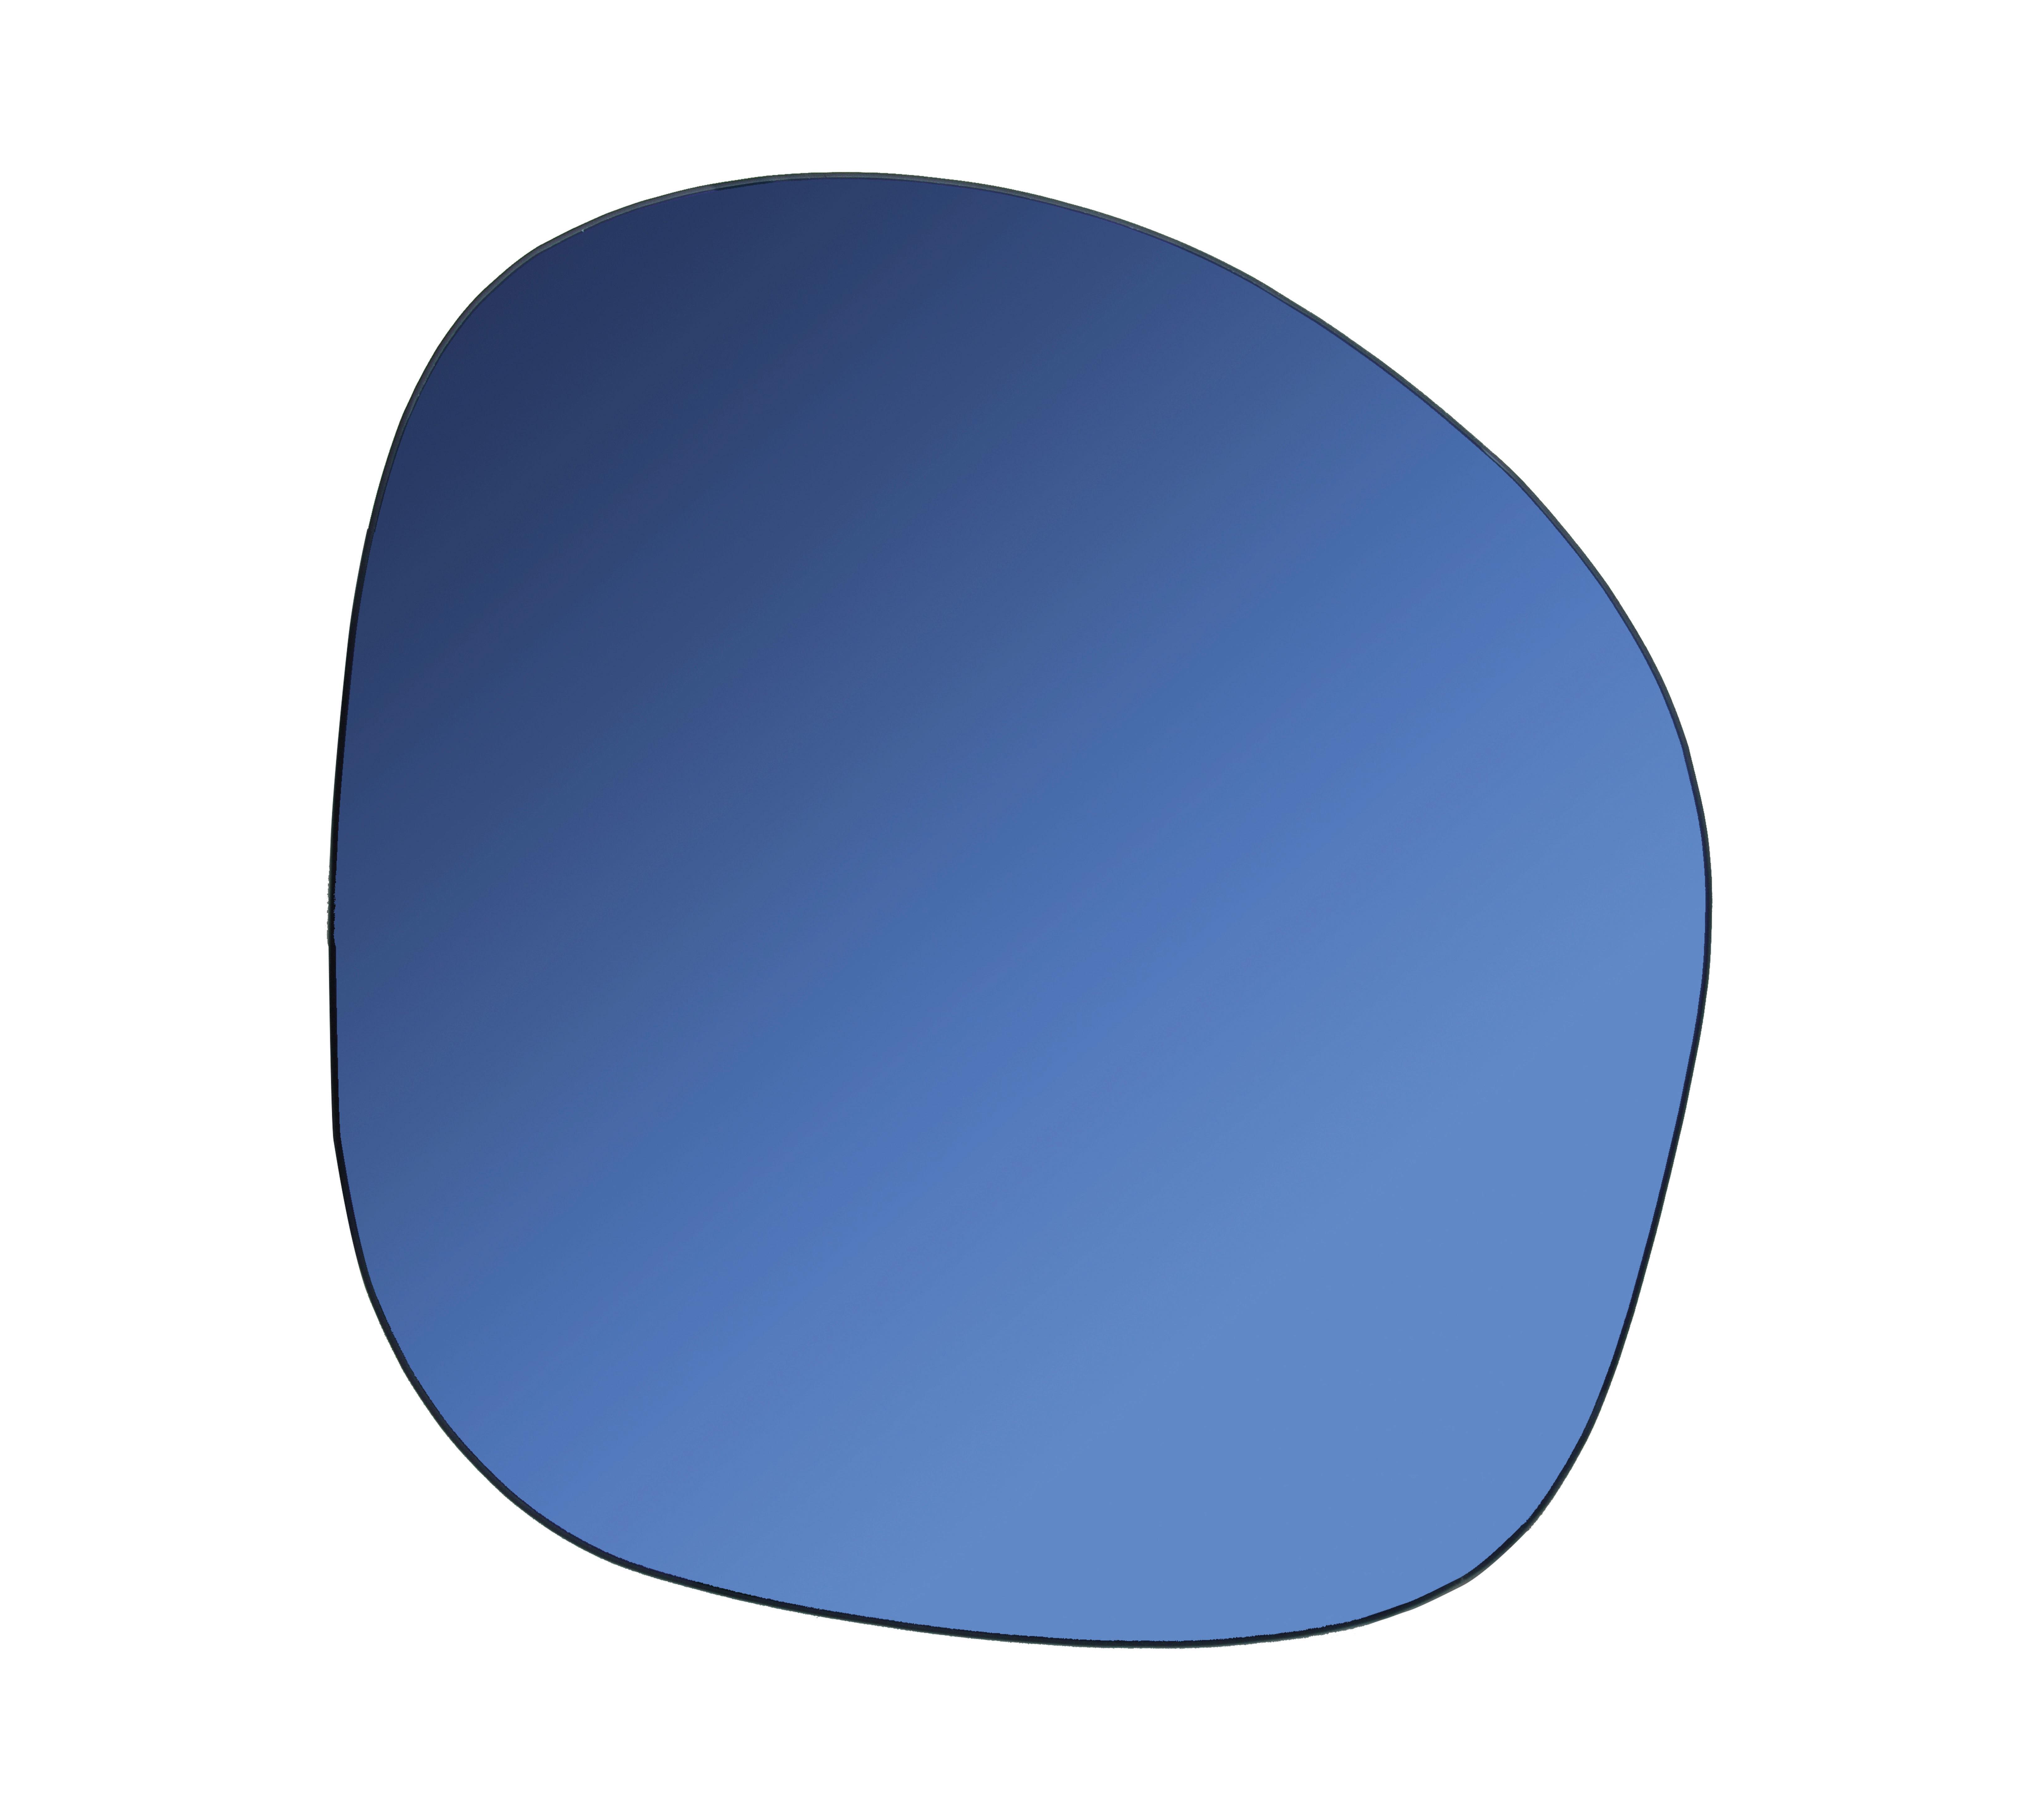 Interni - Specchi - Specchio murale Pebble - / 30 x 32 cm di & klevering - Bleu - Vetro colorato